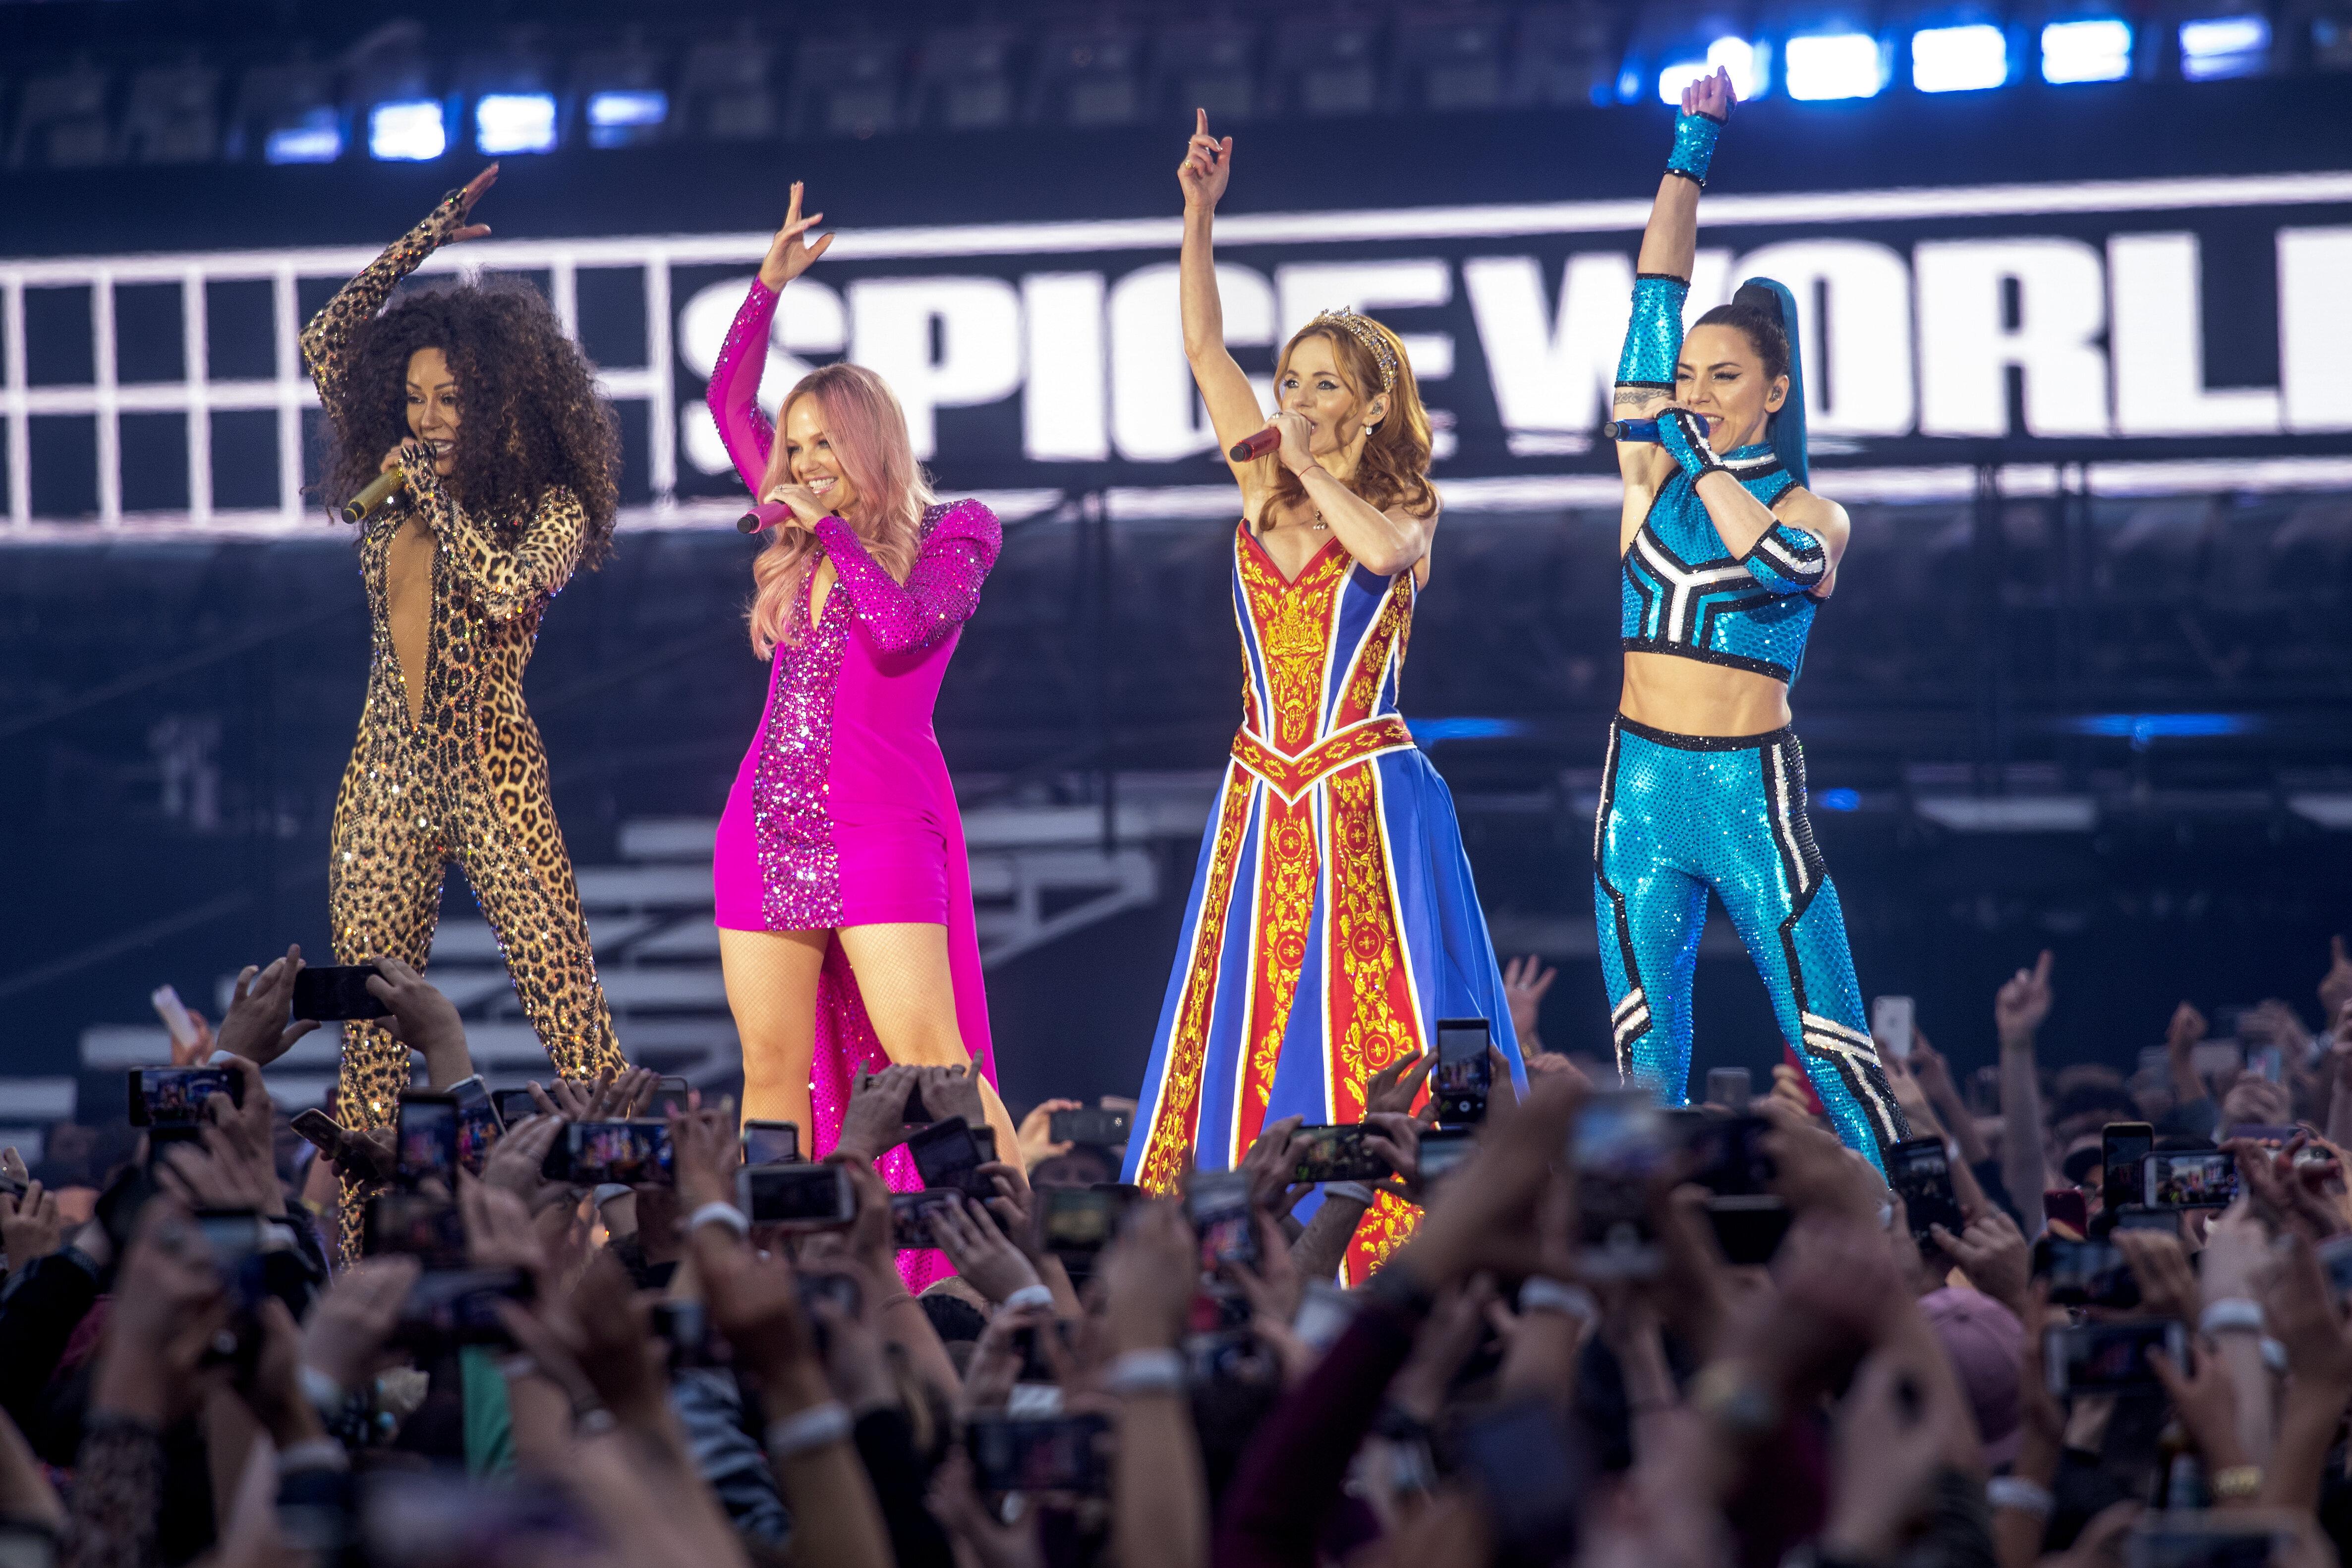 Οι Spice Girls έδωσαν την πρώτη τους συναυλία μετά την επανένωση και πήγαν όλα